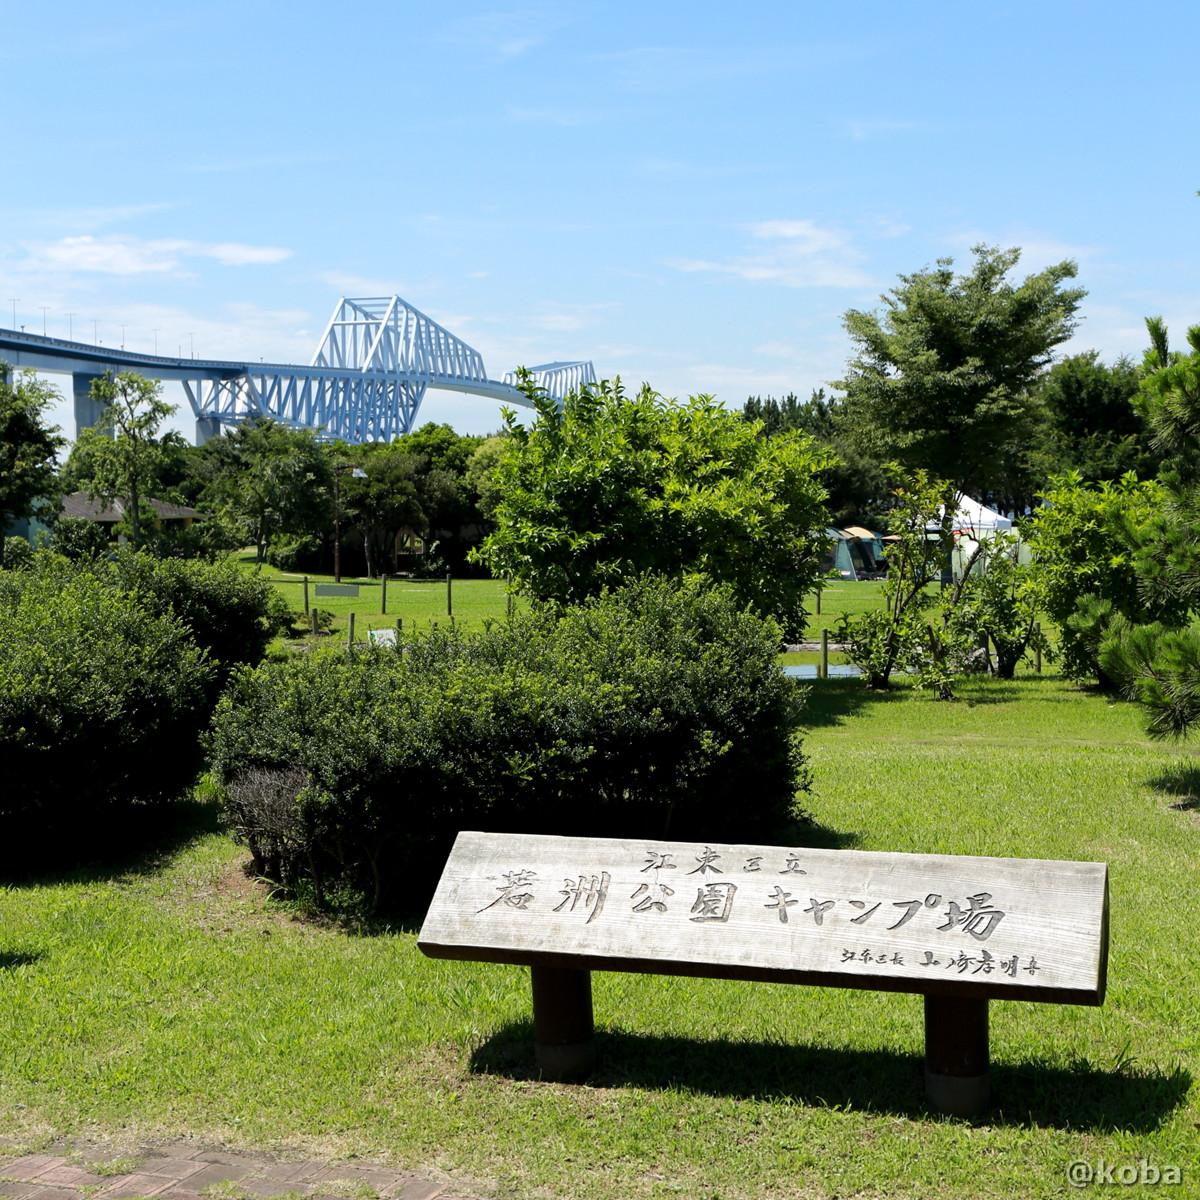 江東区立若洲公園キャンプ場 │こばフォトブログ@koba